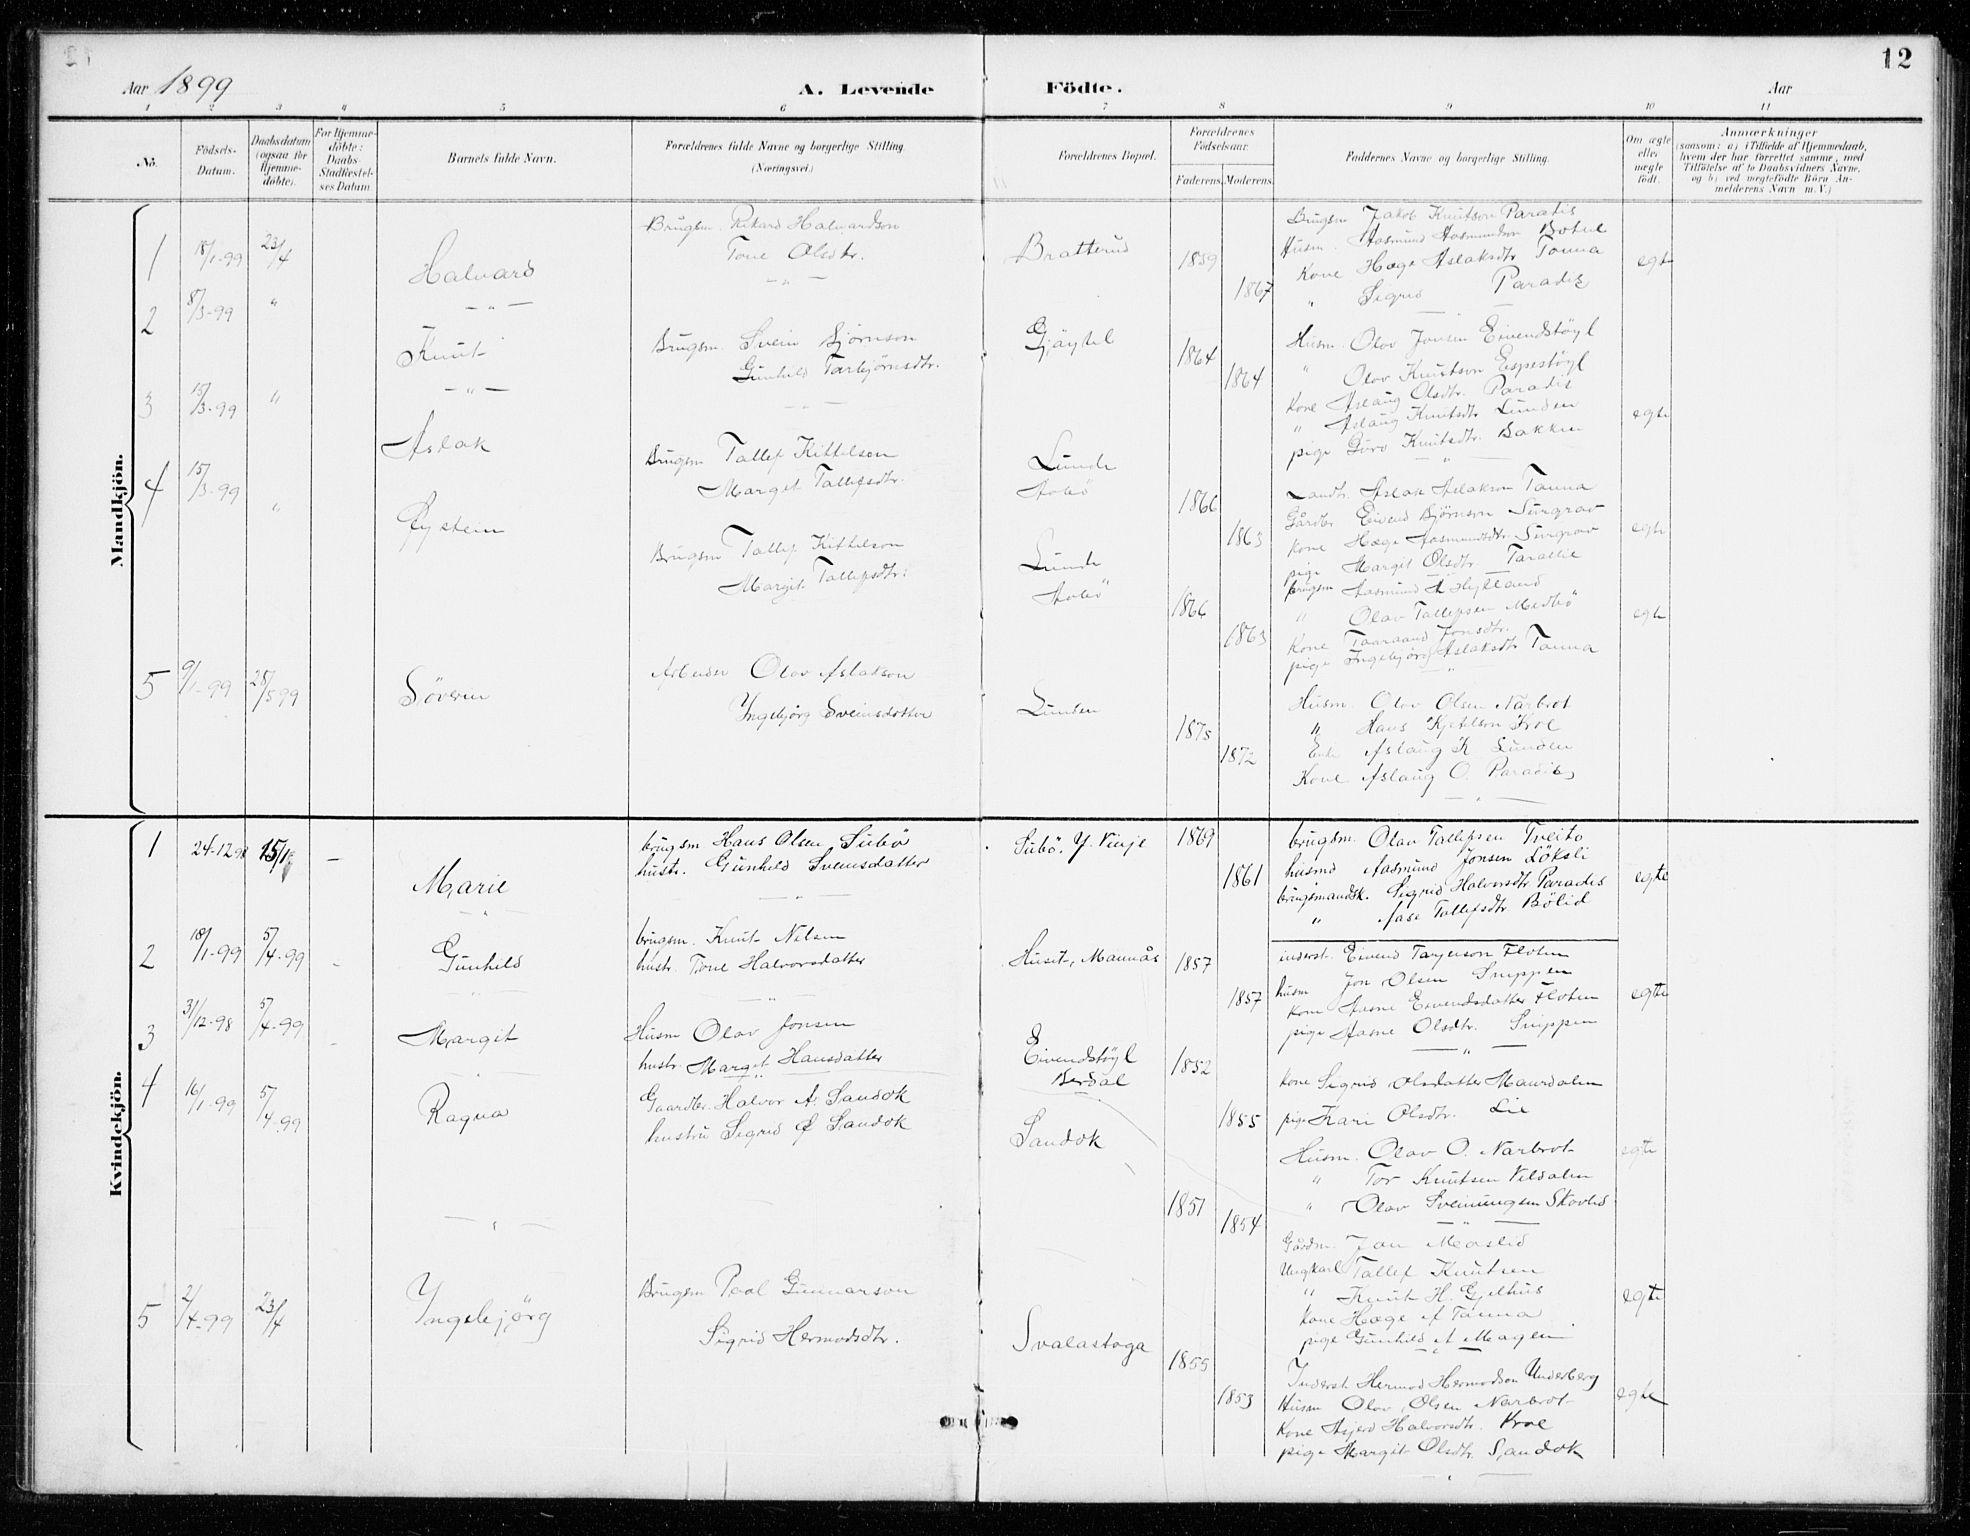 SAKO, Vinje kirkebøker, G/Gb/L0003: Klokkerbok nr. II 3, 1892-1943, s. 12